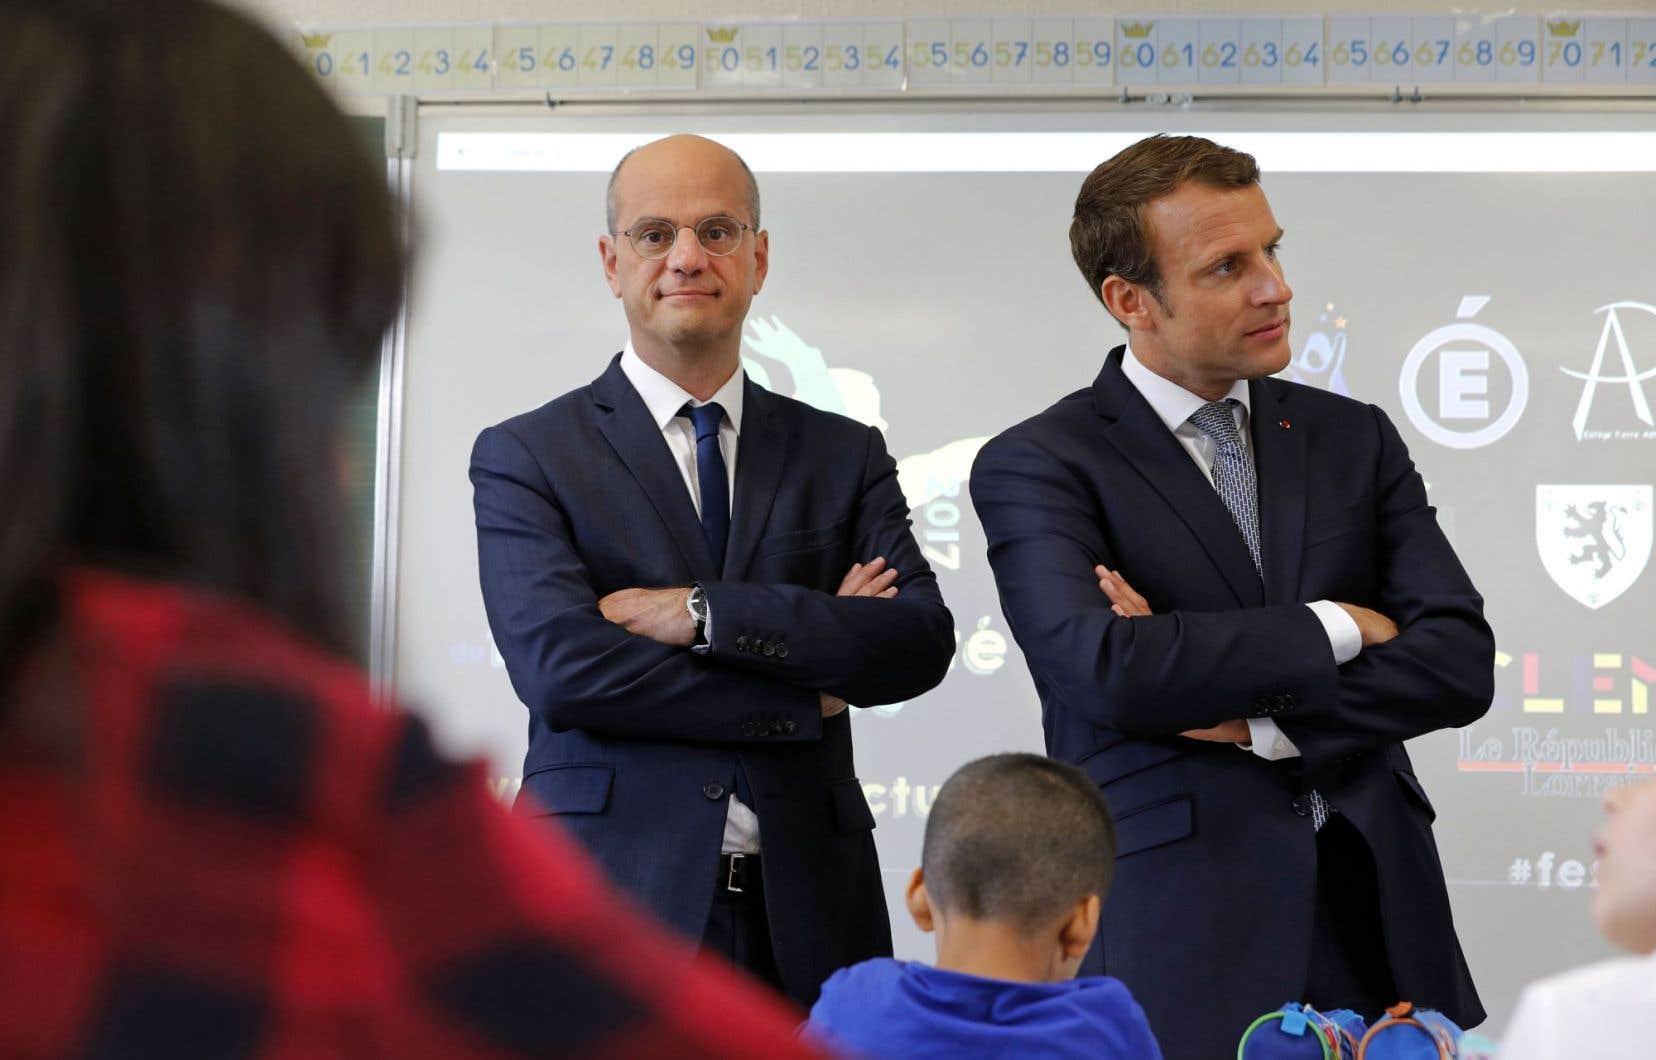 Jean-Michel Blanquer et Emmanuel Macron ont visité lundi une école de Forbach, dans l'est de la France.